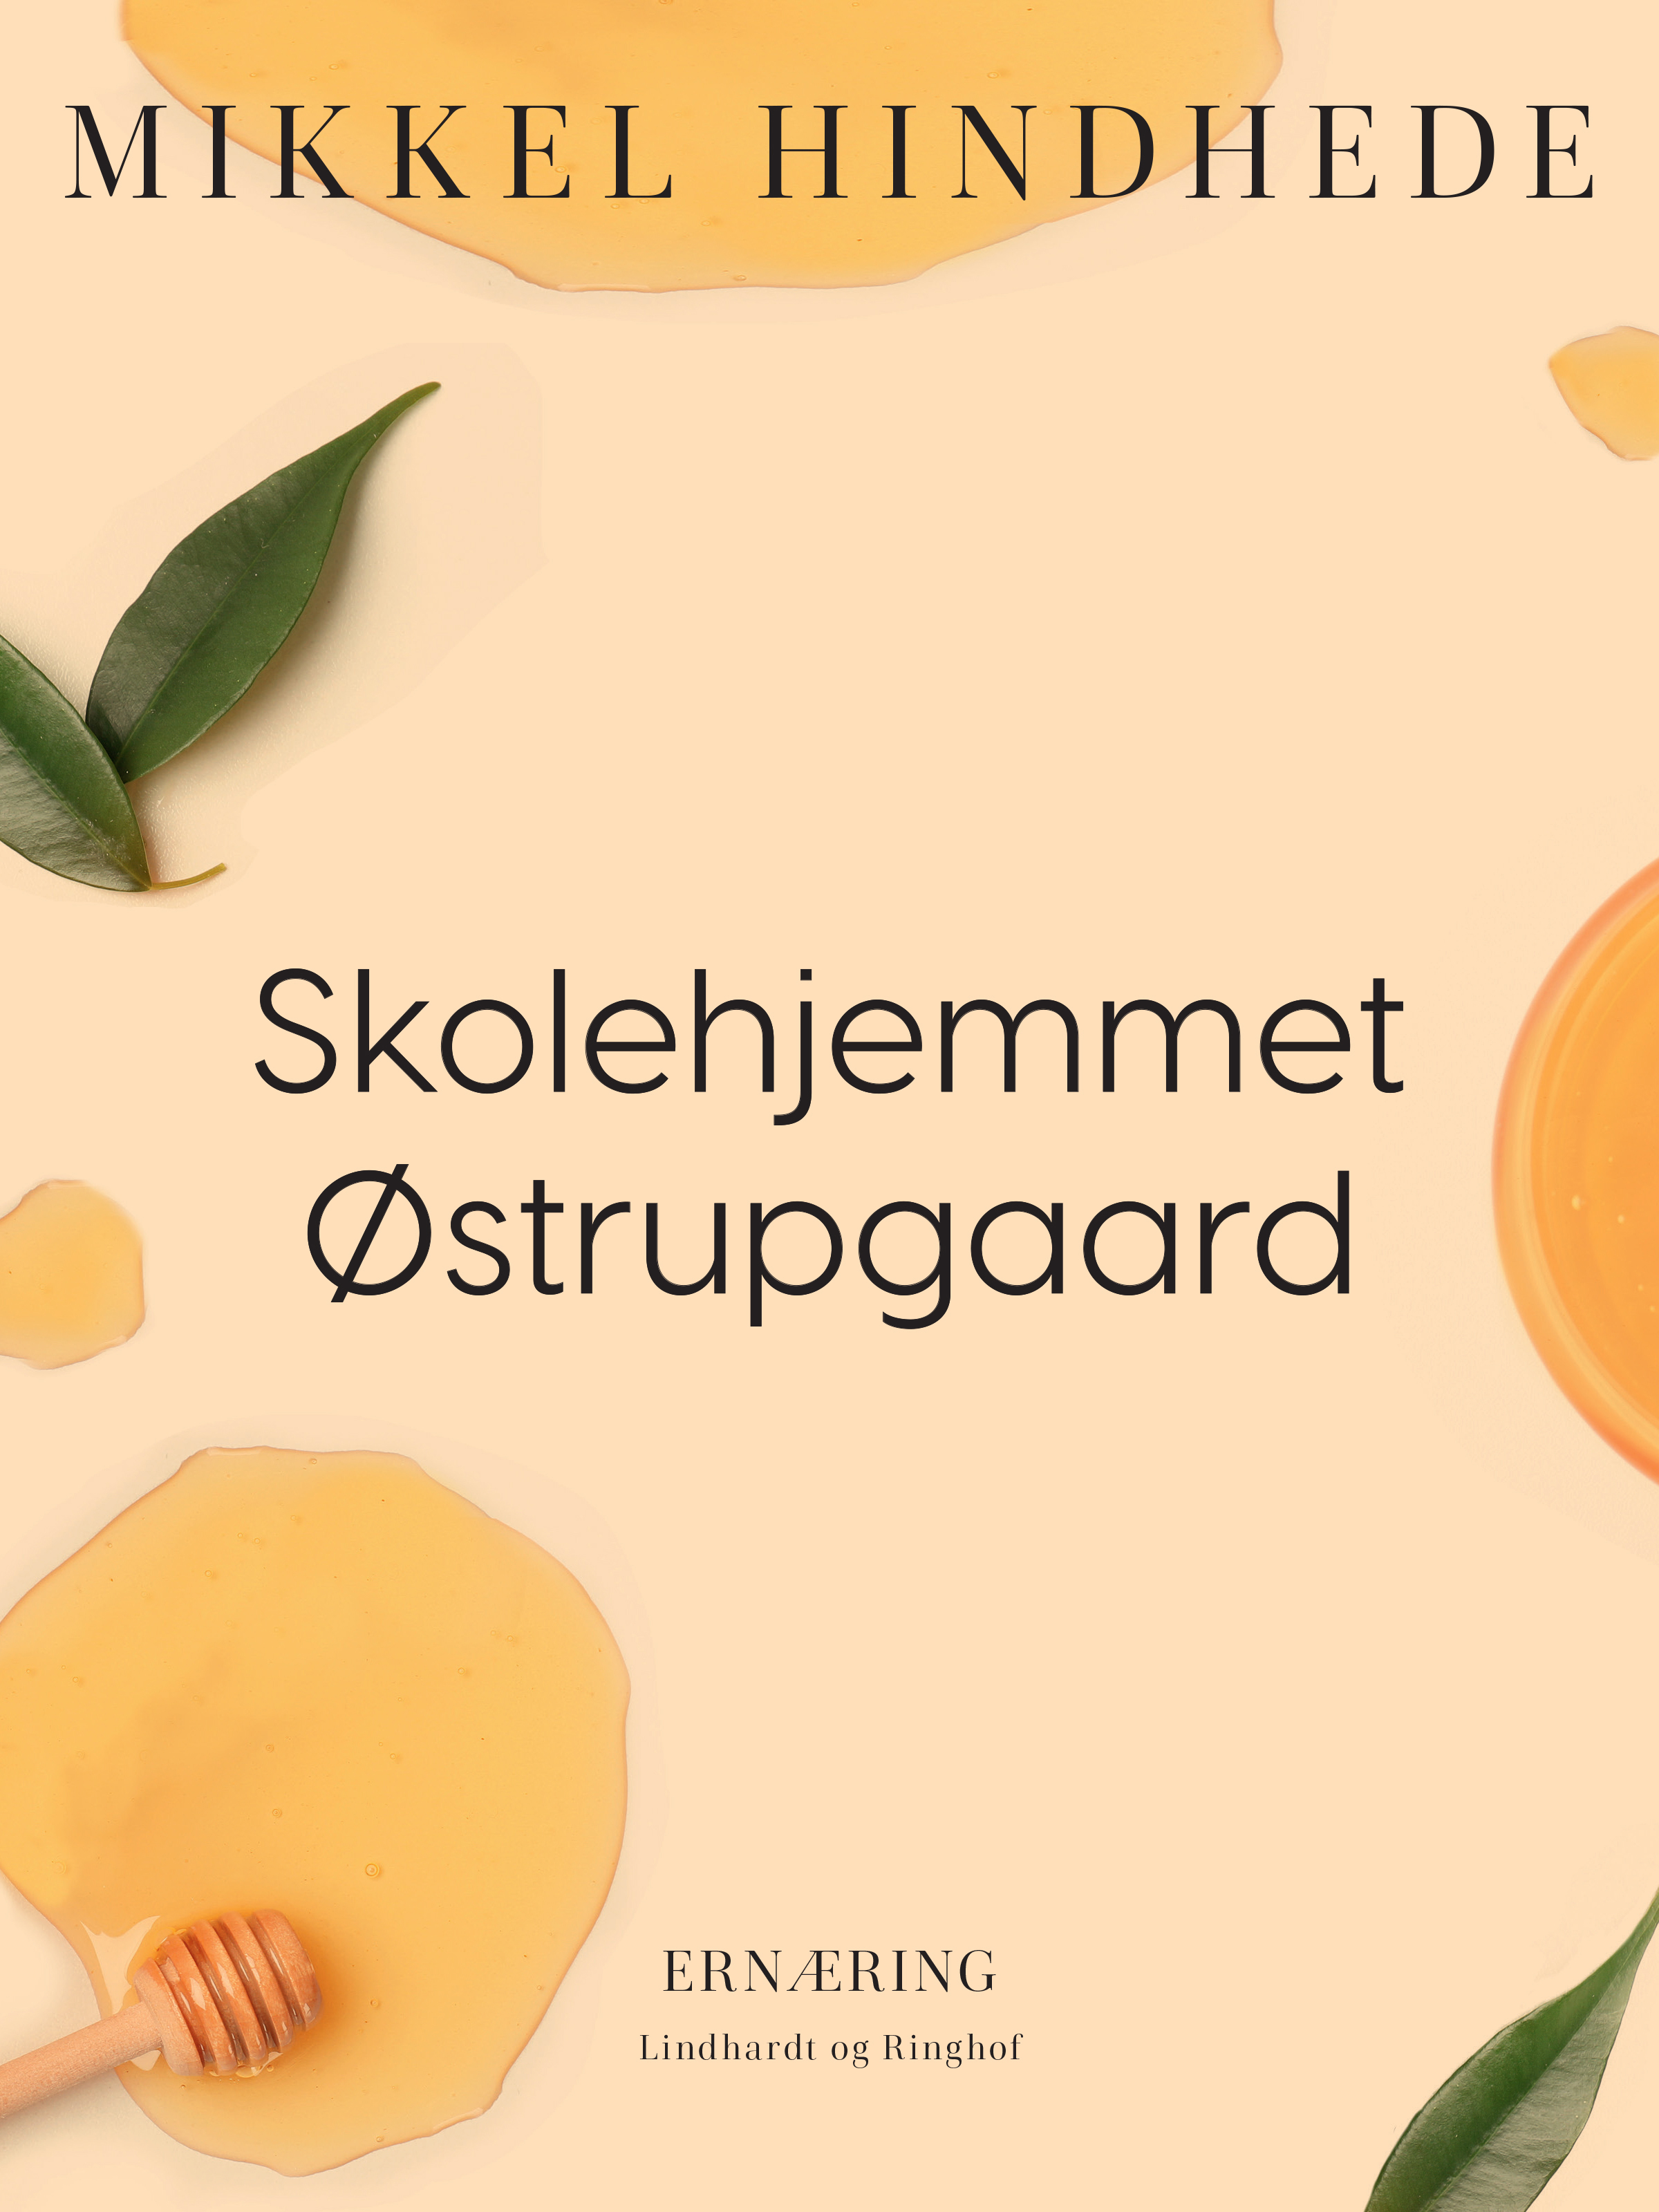 Billede af Skolehjemmet Østrupgaard - E-bog